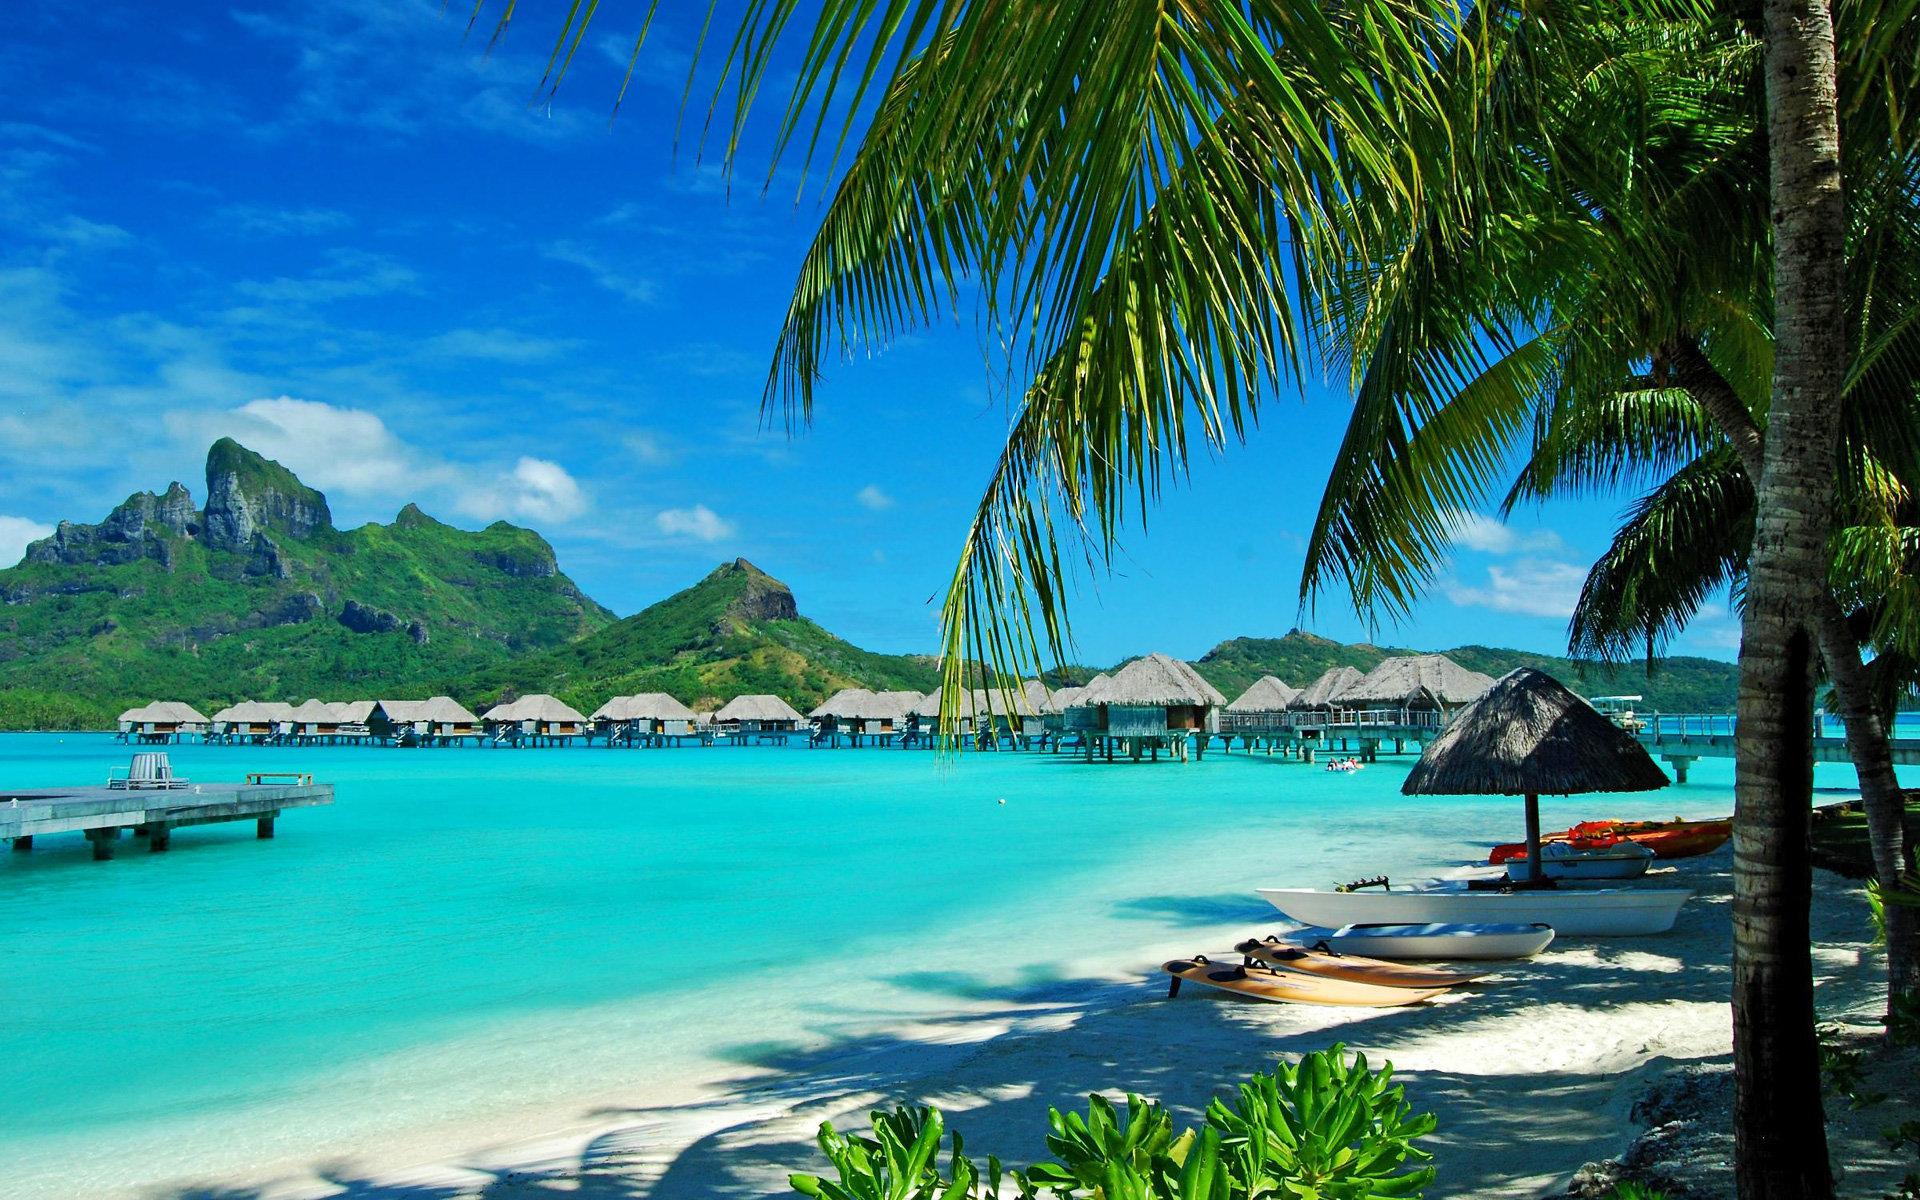 Bora Bora, plaja cu nisip curat și apa incredibil de străvezie